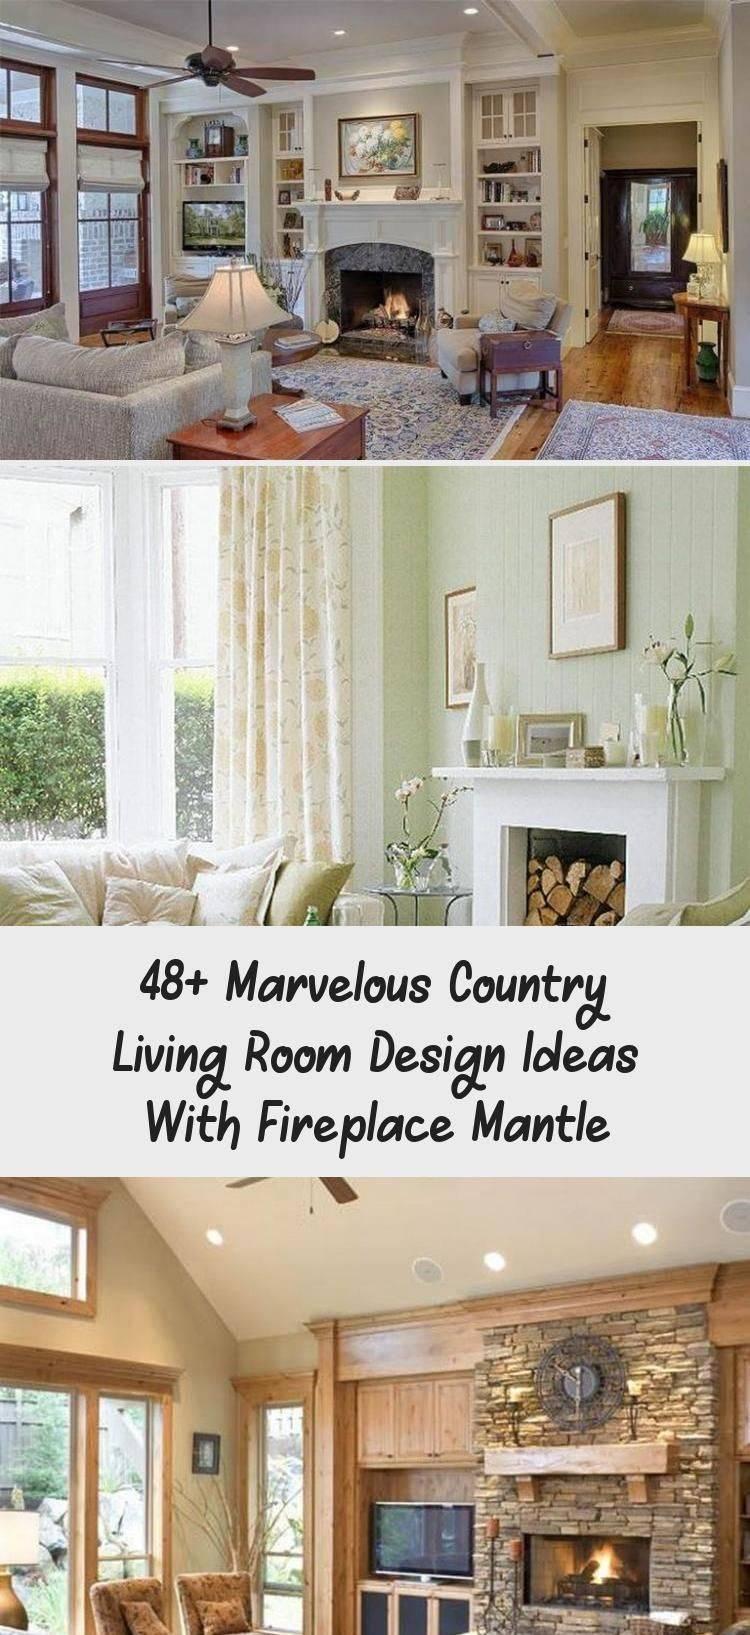 Ремонт в панельной пятиэтажке-хрущевке: советы и особенности - наш уютный дом - медиаплатформа миртесен